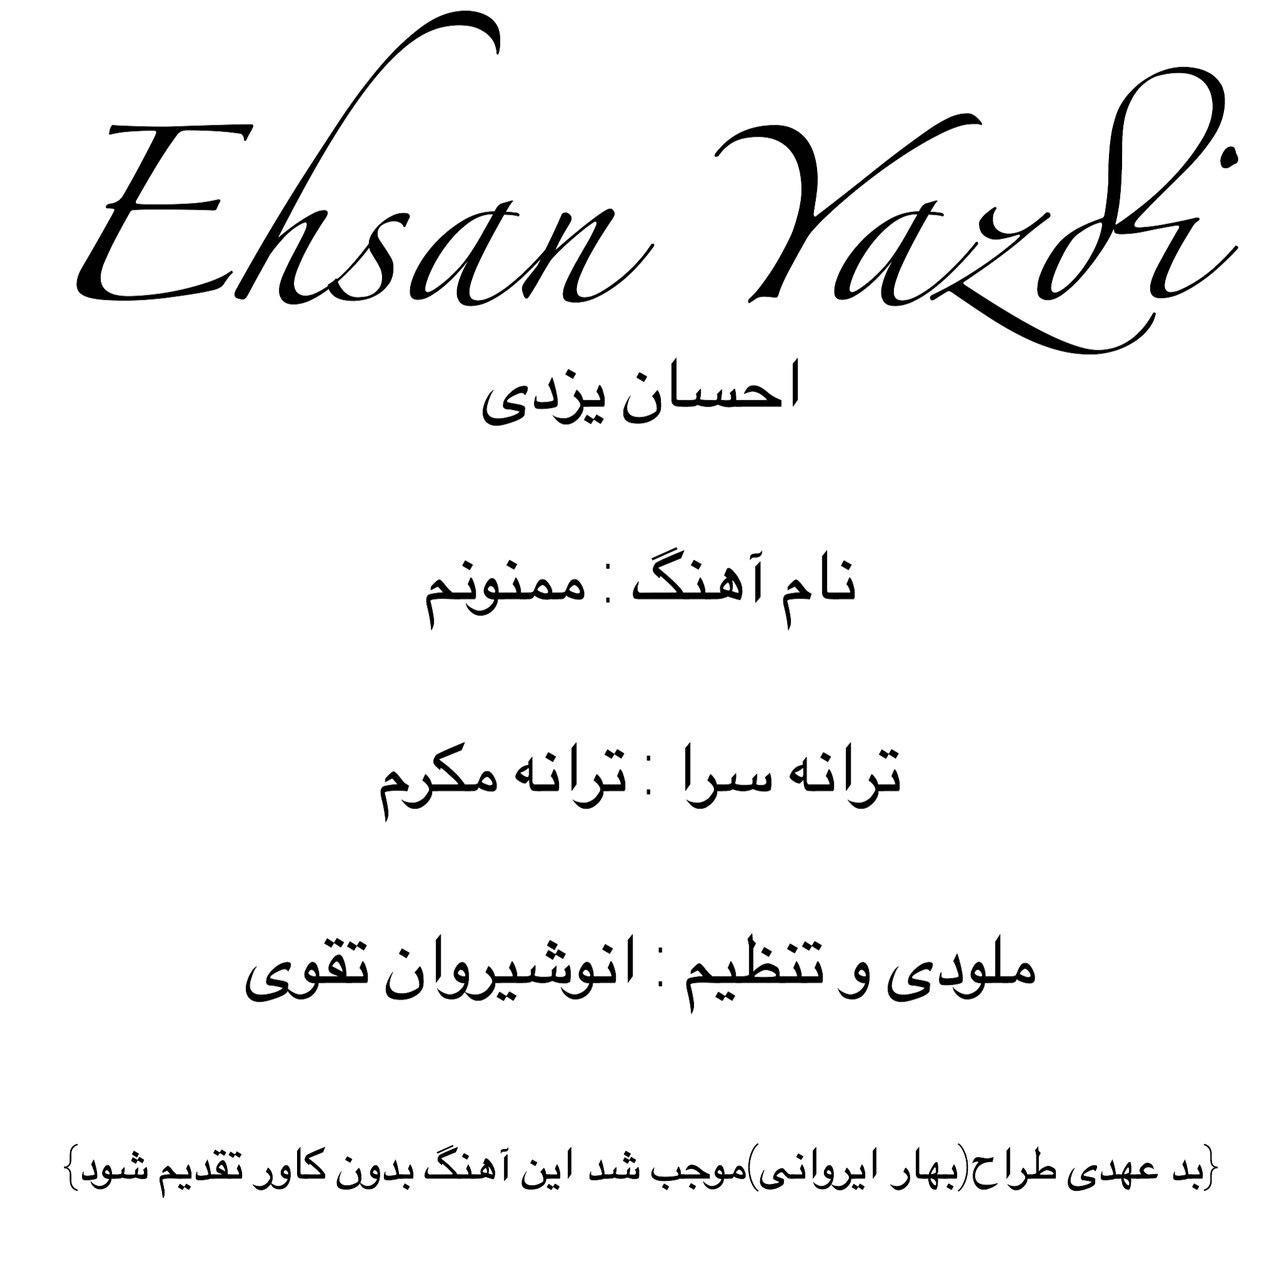 احسان یزدی به نام ممنونم